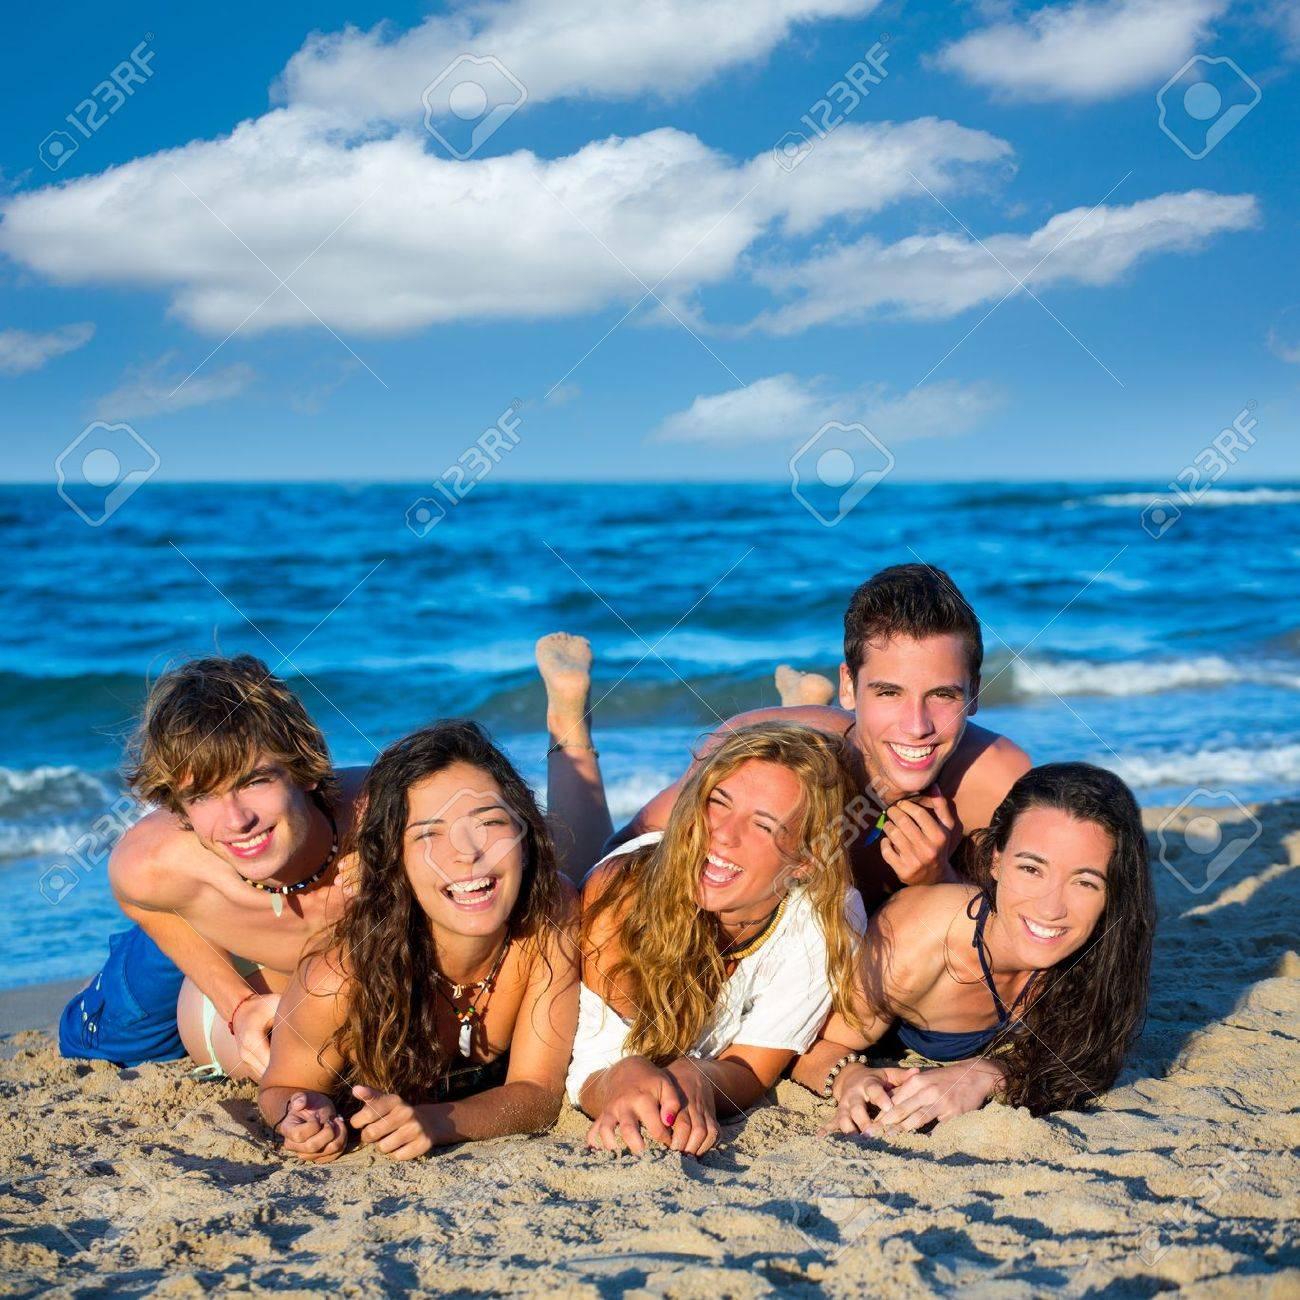 sexe de l'adolescence sur la plage fille nue sur photos fille